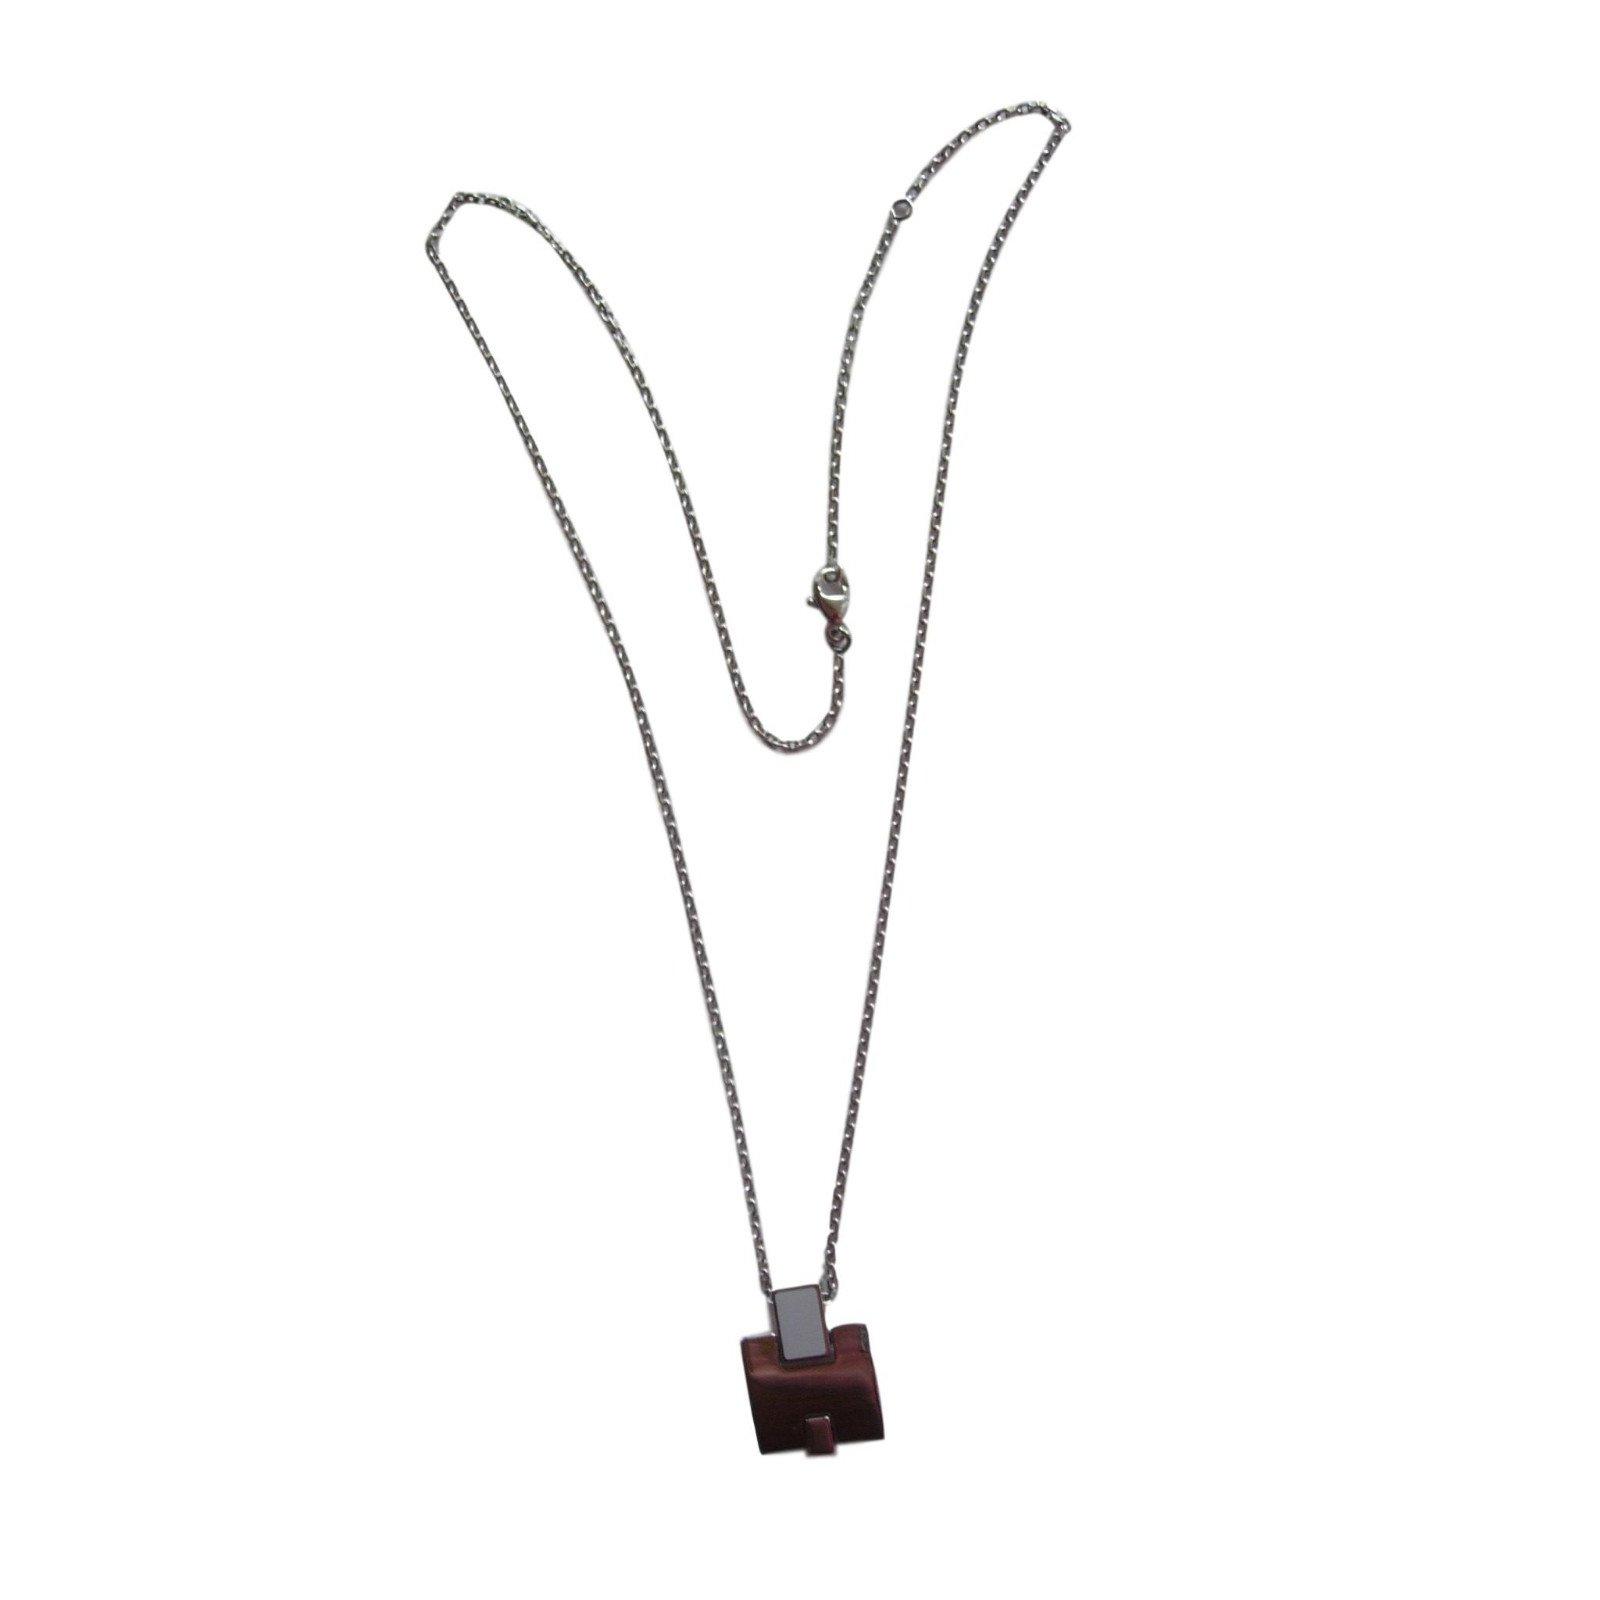 Herms pendant necklaces pendant necklaces steel silvery ref61743 herms pendant necklaces pendant necklaces steel silvery ref61743 aloadofball Gallery